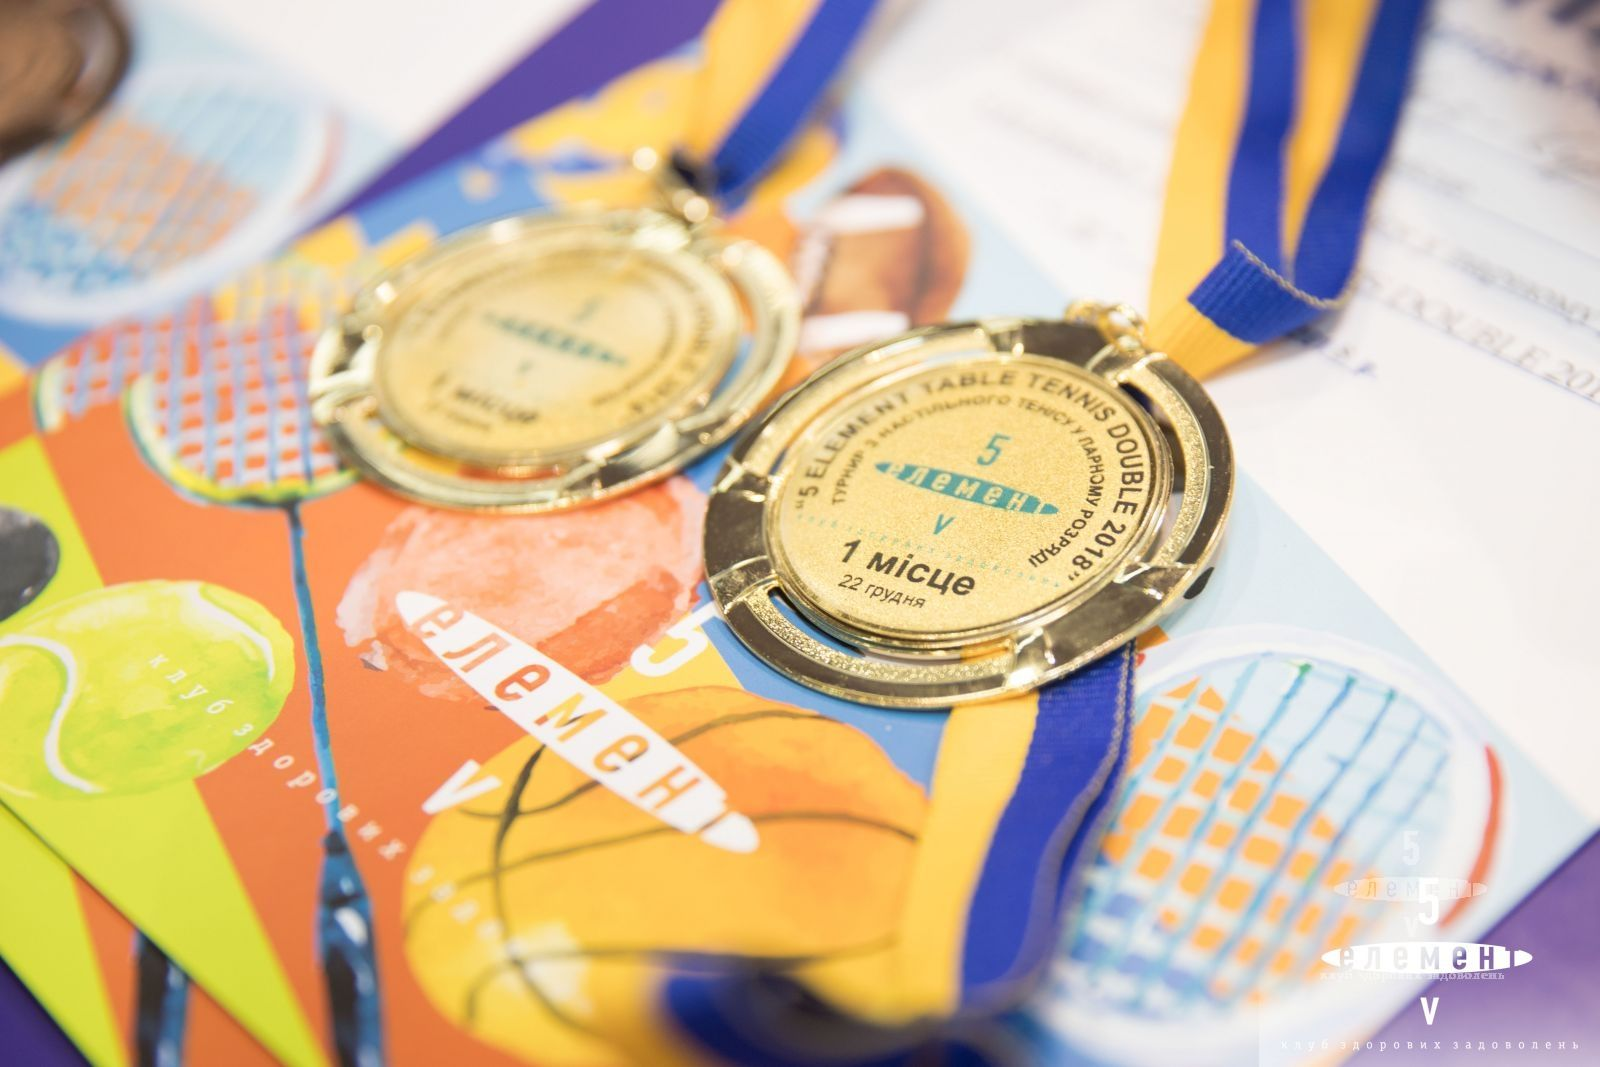 Ежегодный парный клубный турнир по настольному теннису— фитнес-клуб 5 элемент